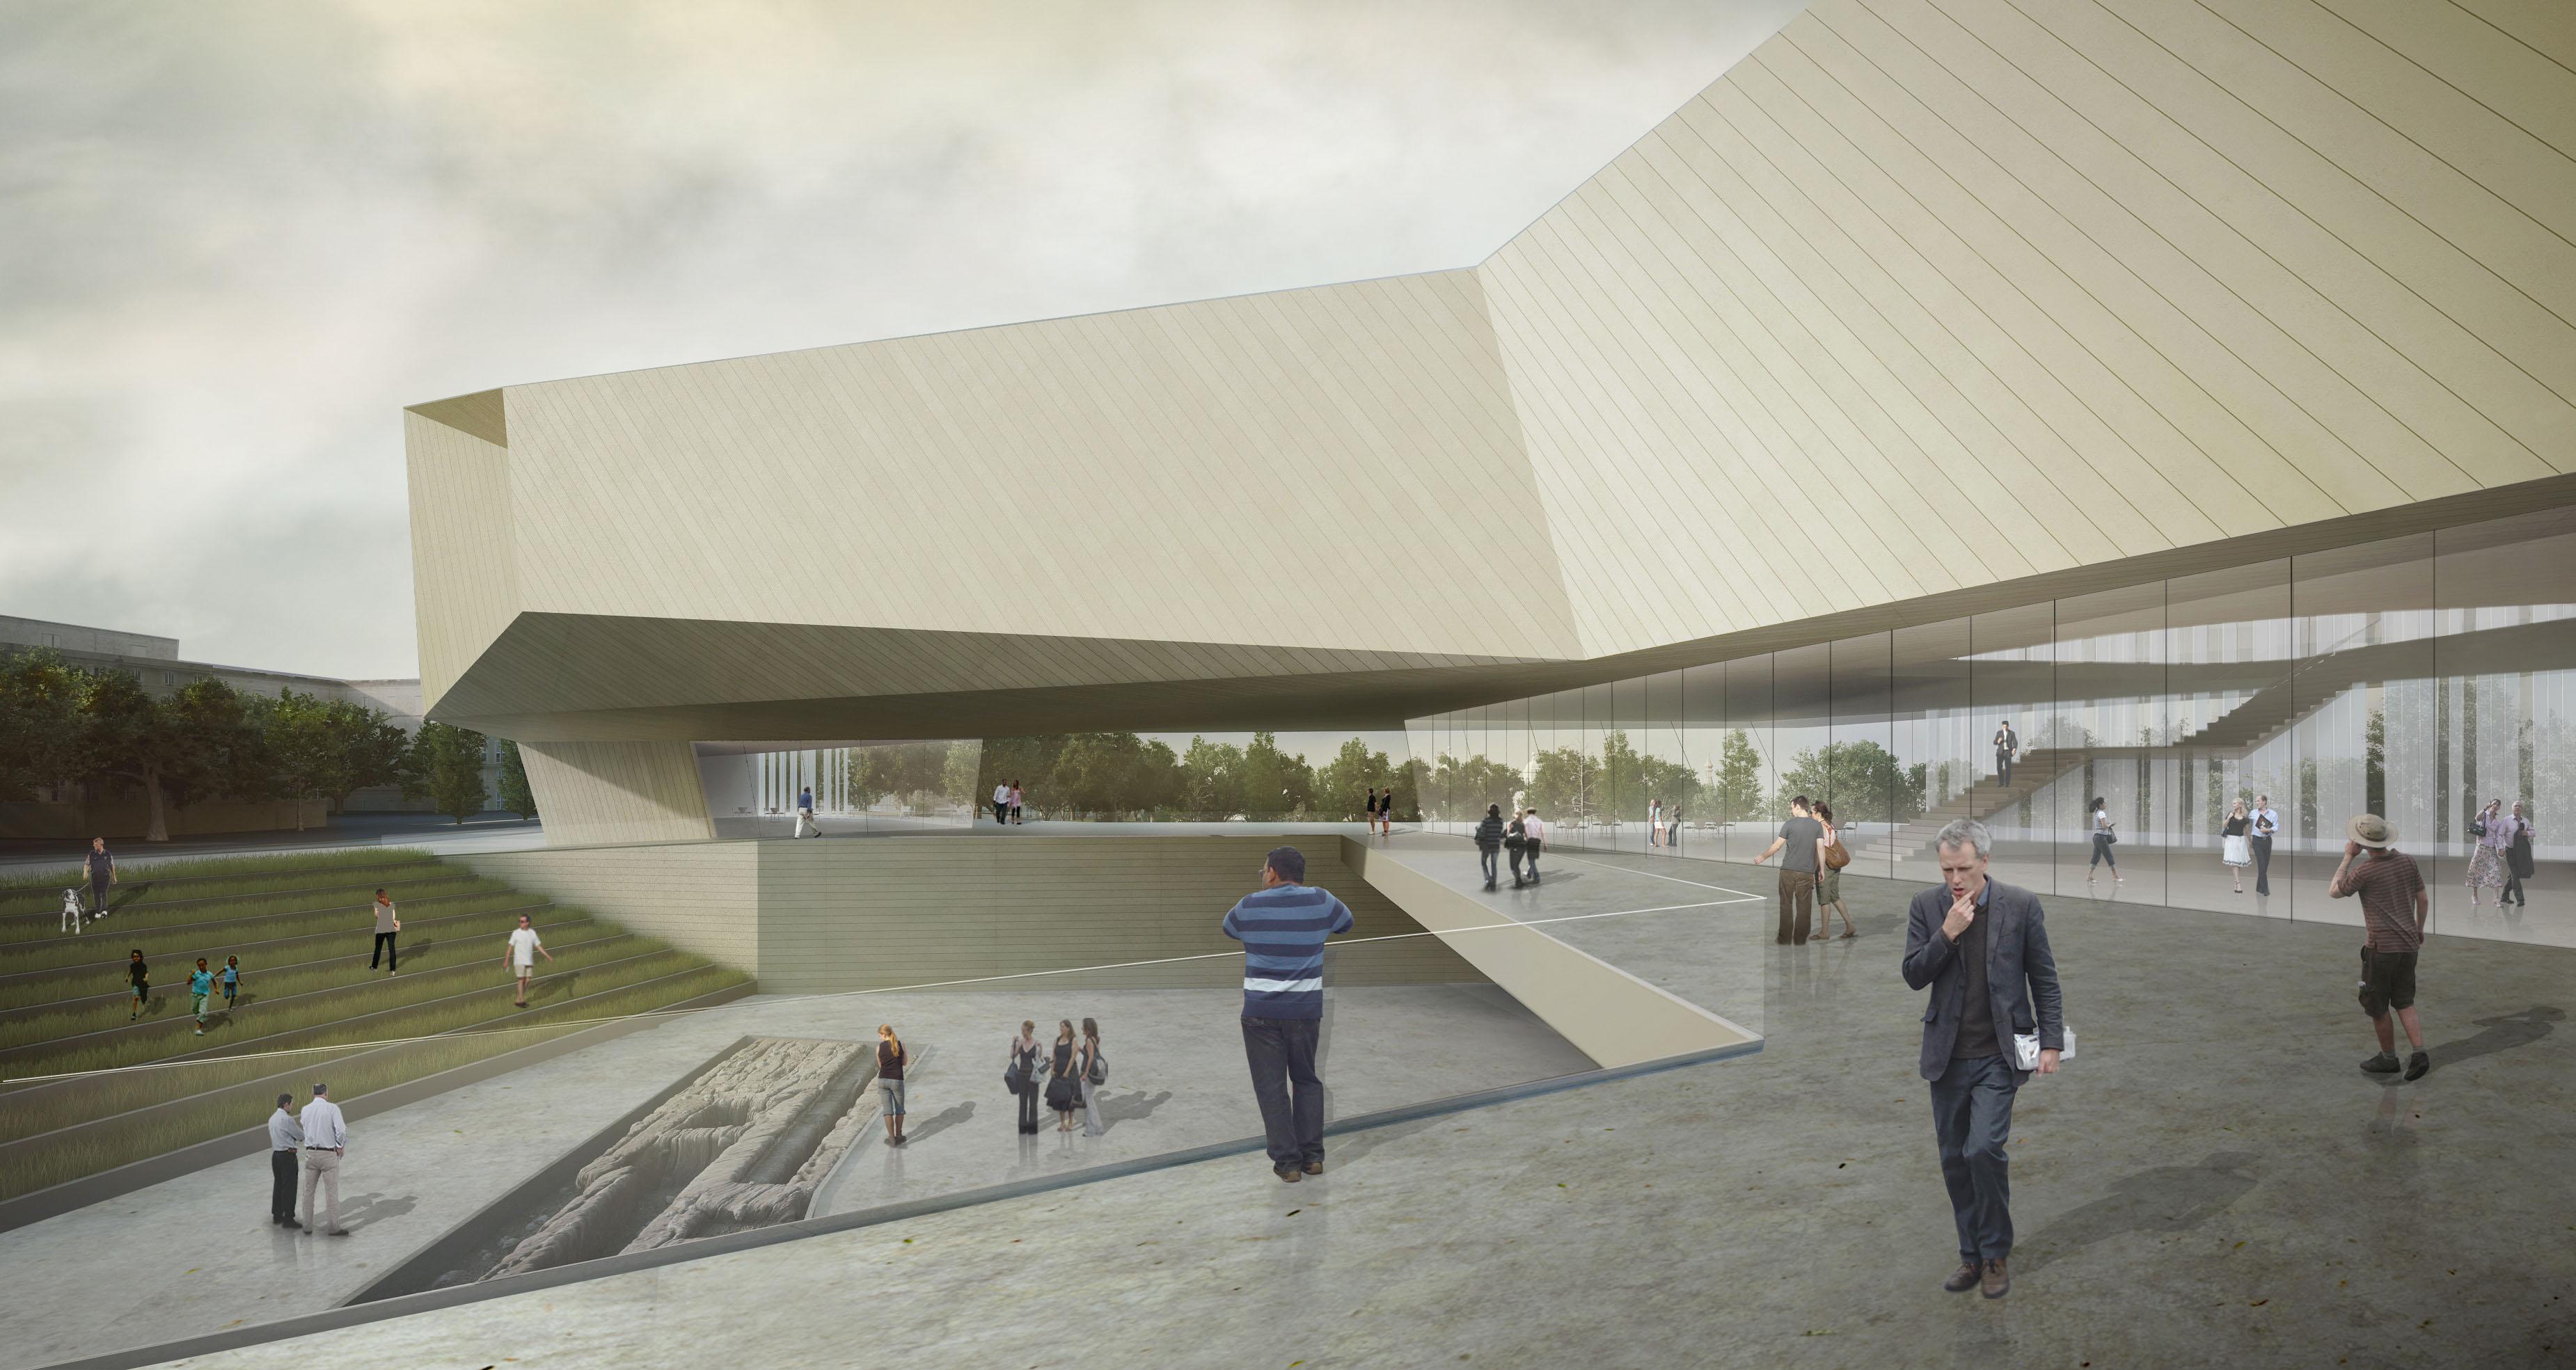 ההצעה הזוכה של חיוטין אדריכלים. הם כבר לא בפרויקט, אבל הבניין כמעט זהה (הדמיה: חיוטין אדריכלים)